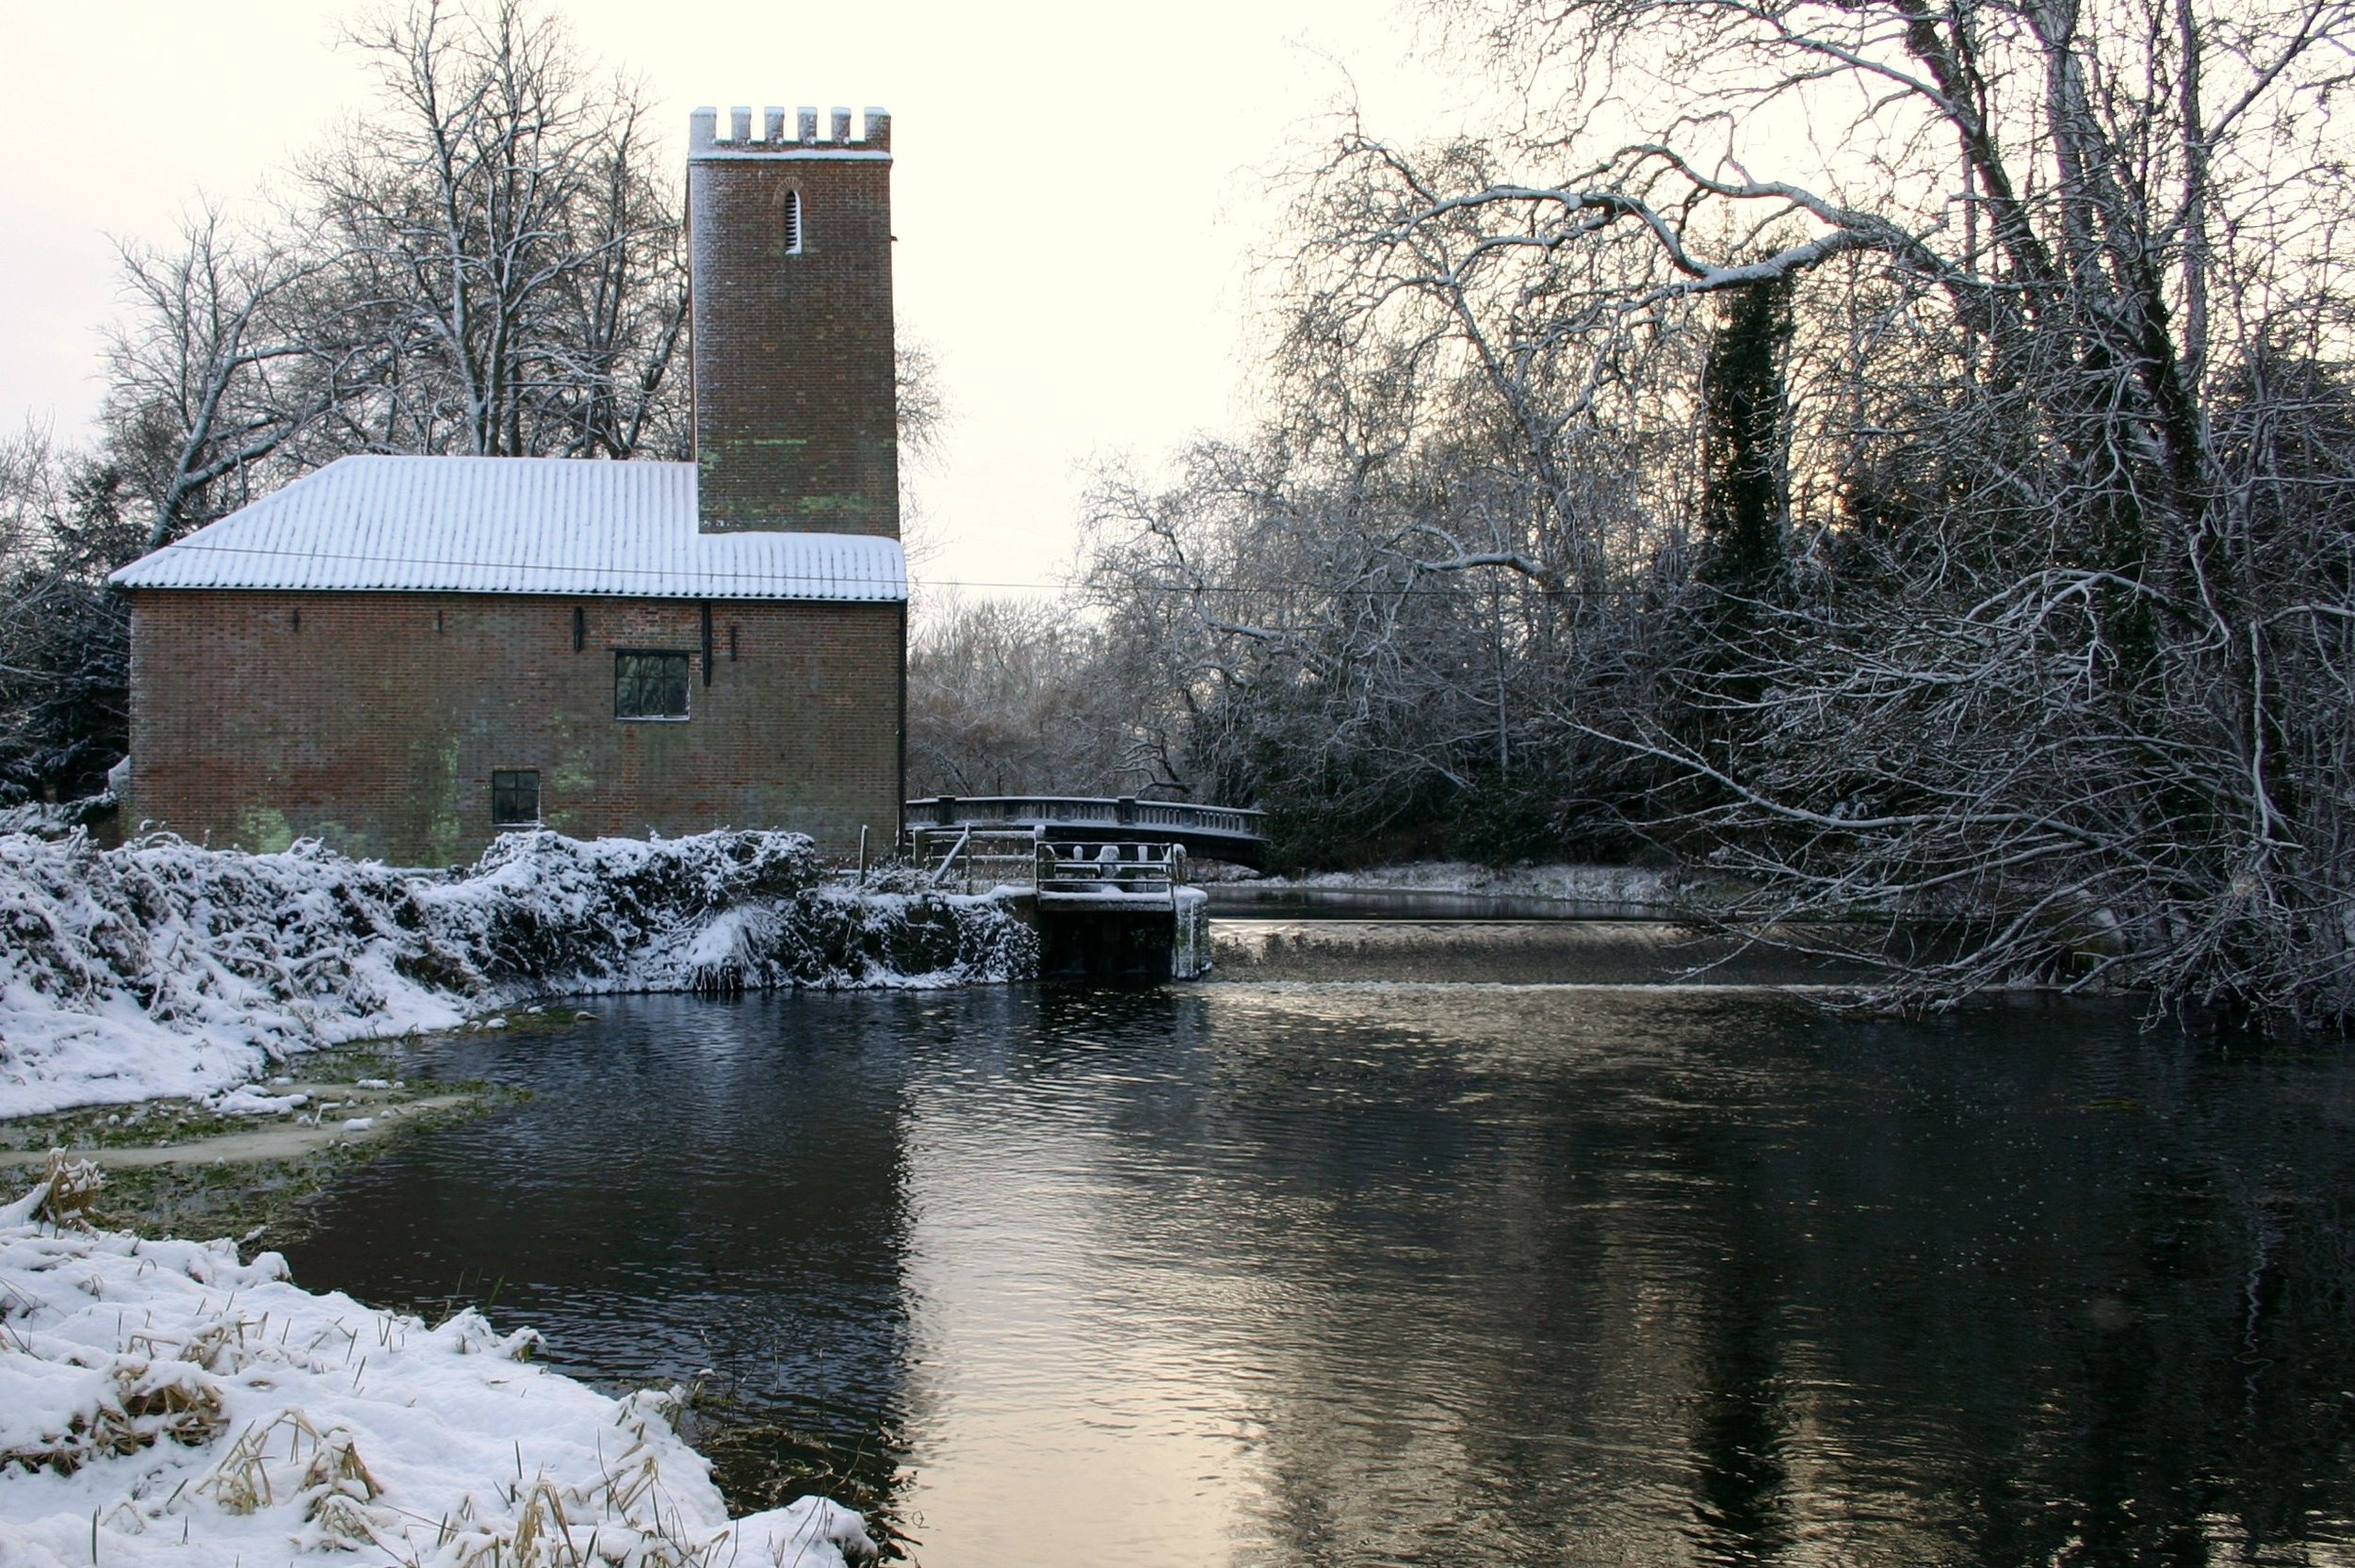 Watermill, winter (2).JPG